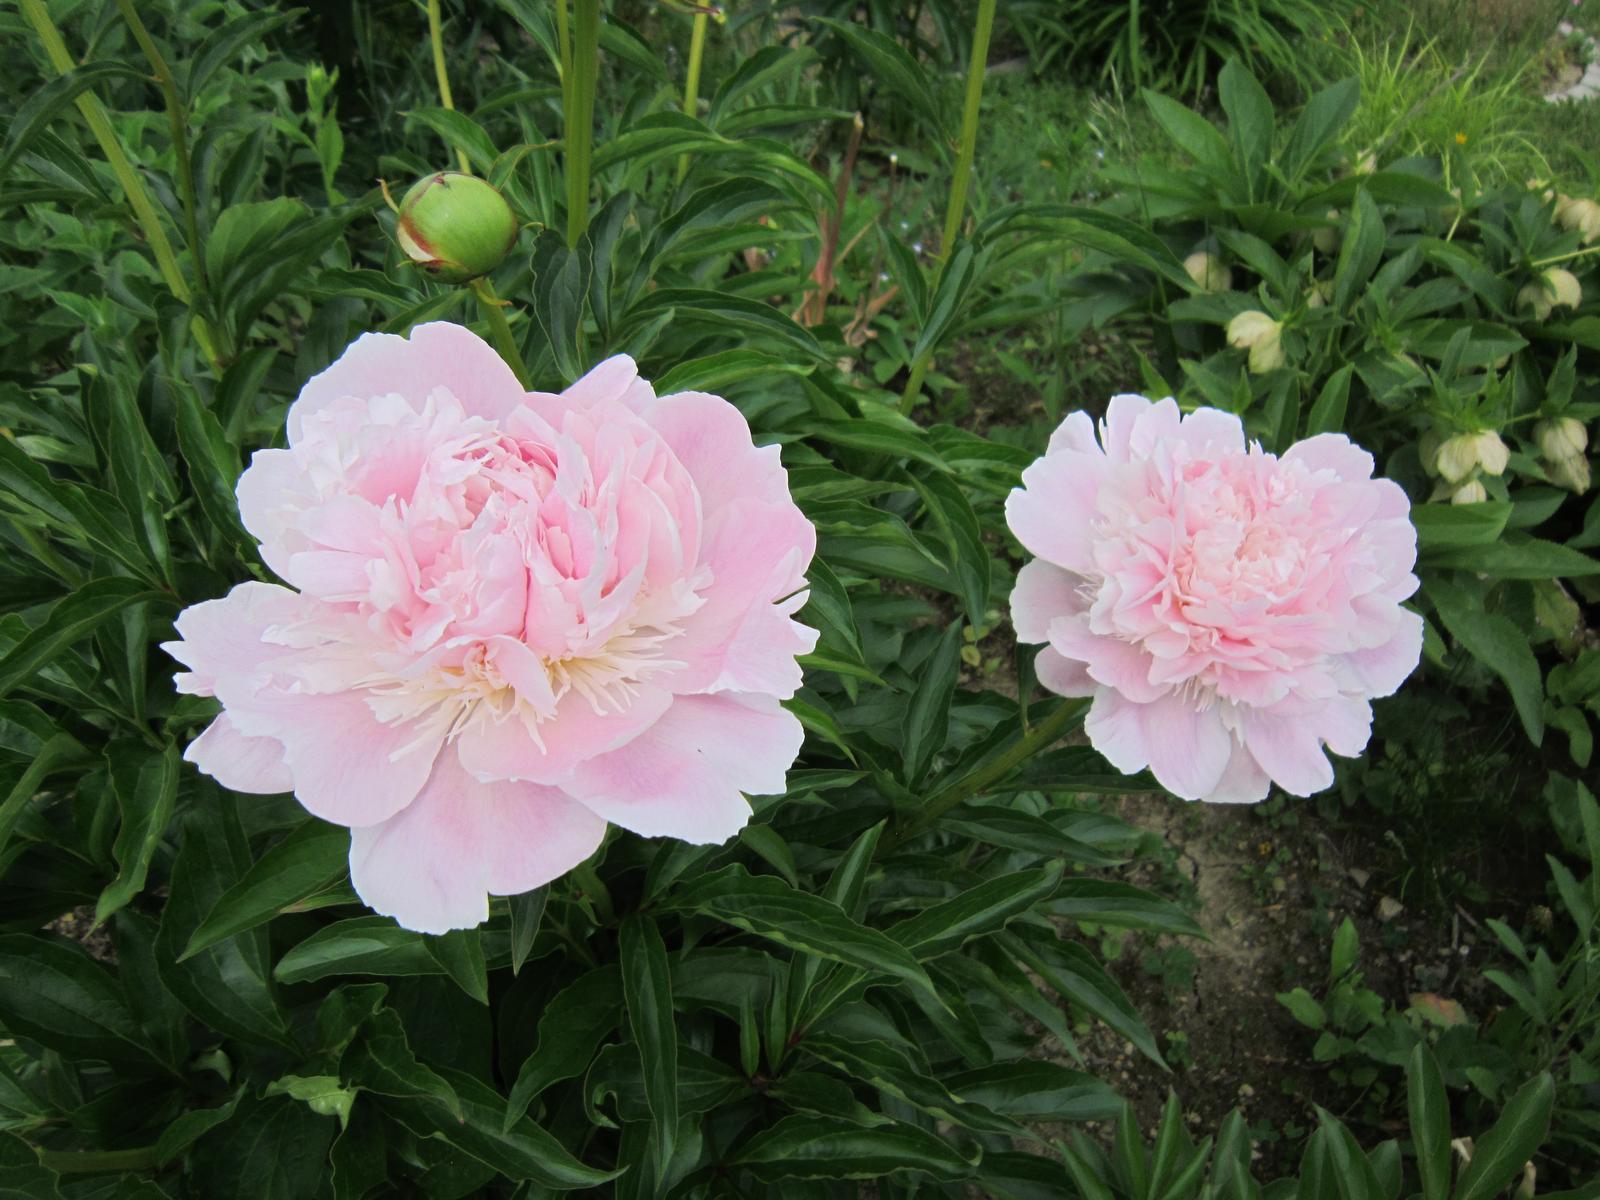 Pozvanie do našej jarnej záhrady - Nádherne voňajú...